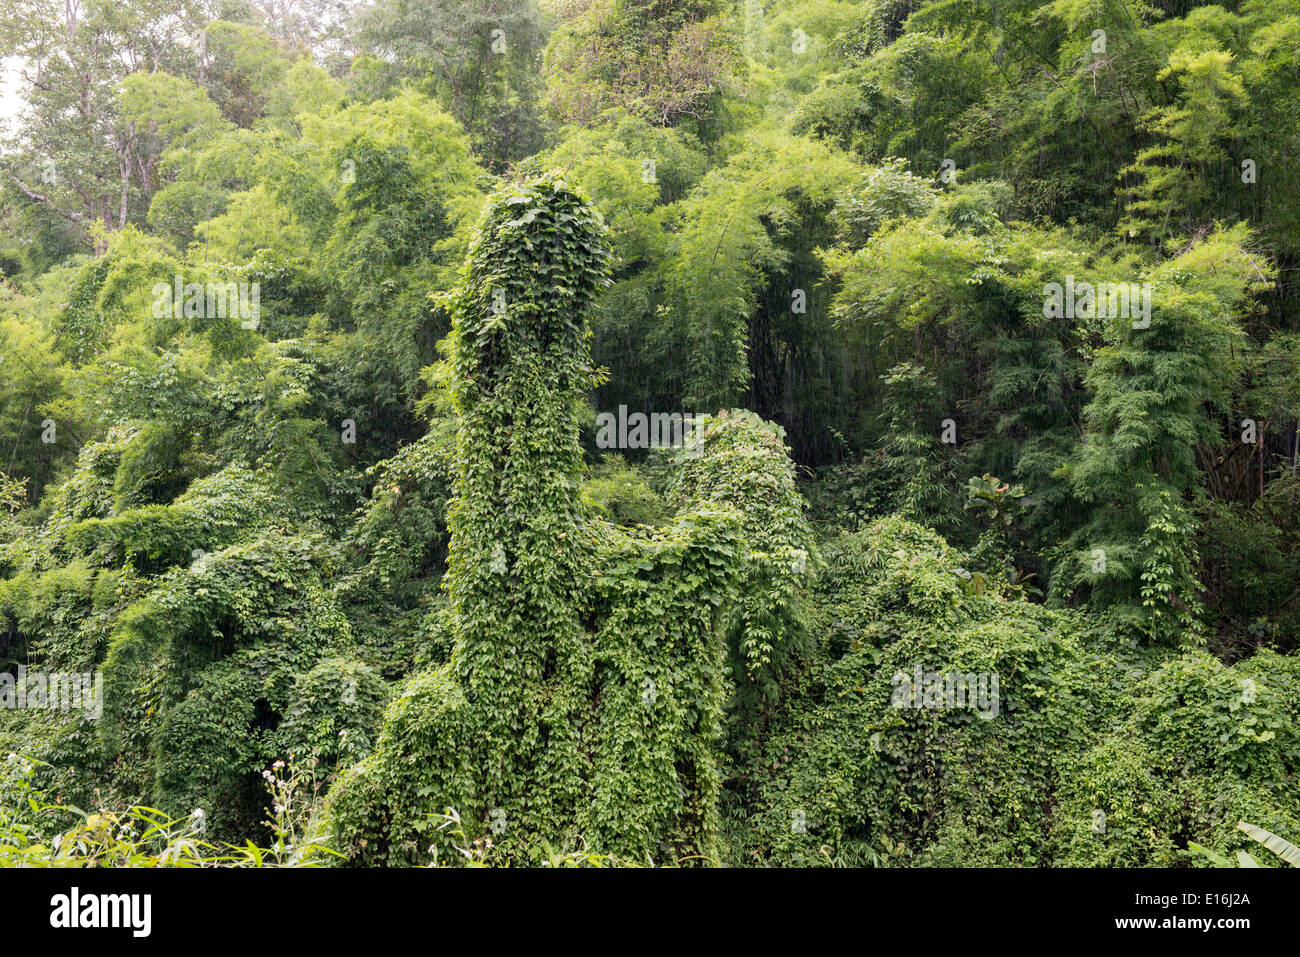 La selva tropical de montaña en el norte de Tailandia, Lampang, Tailandia Imagen De Stock